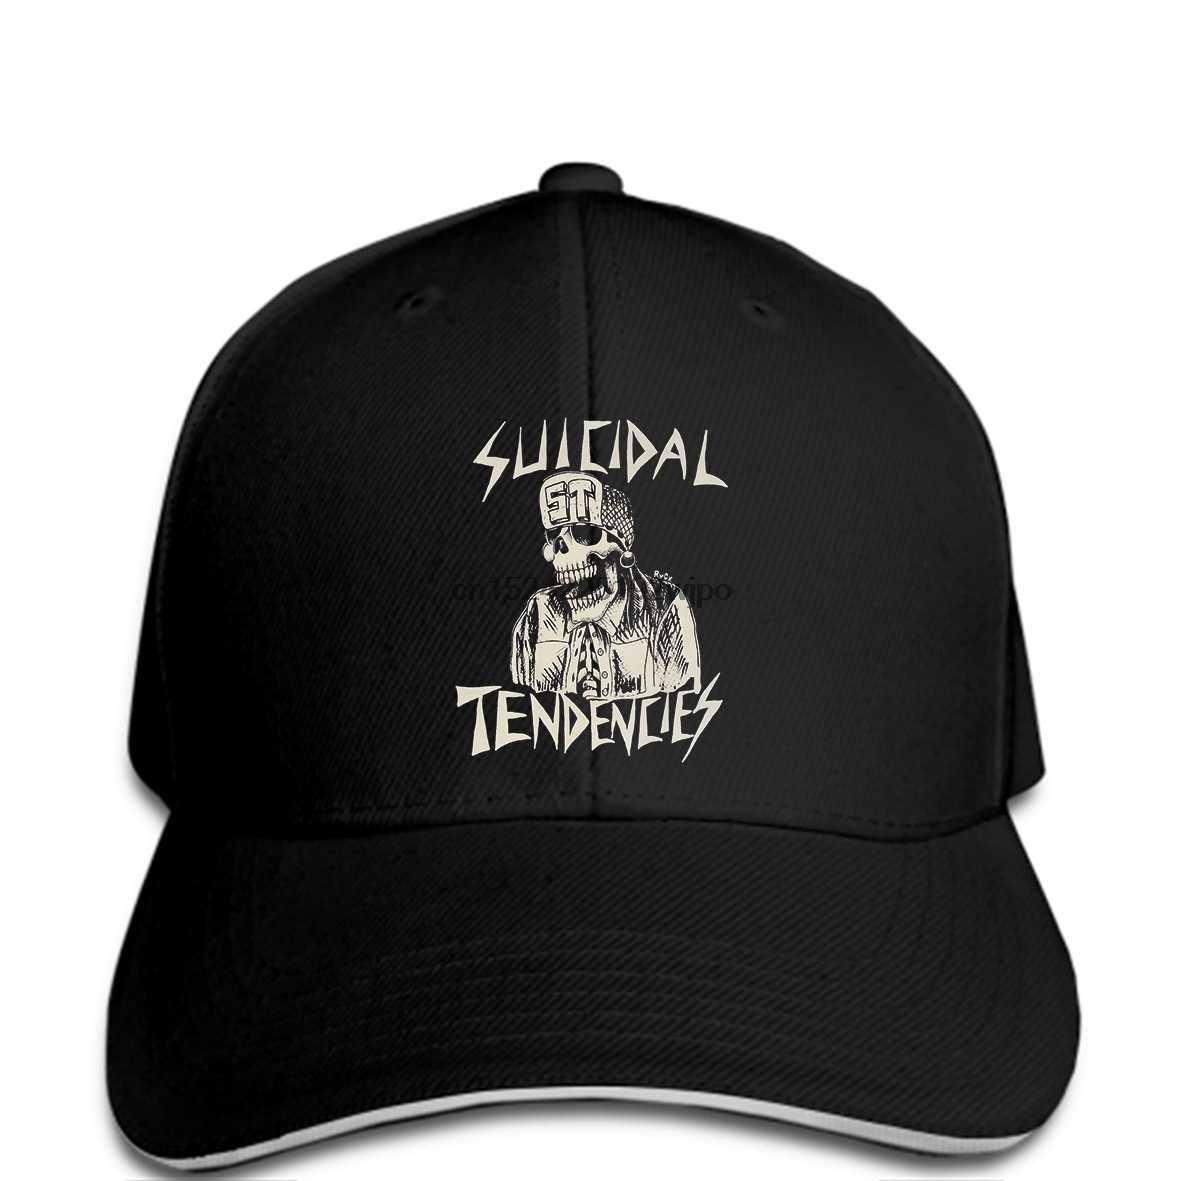 fb1631962ac5f BLACK SUICIDAL TENDENCIES NEW cap THRASH METAL ROCK PUNK ST Quality Baseball  caps Men